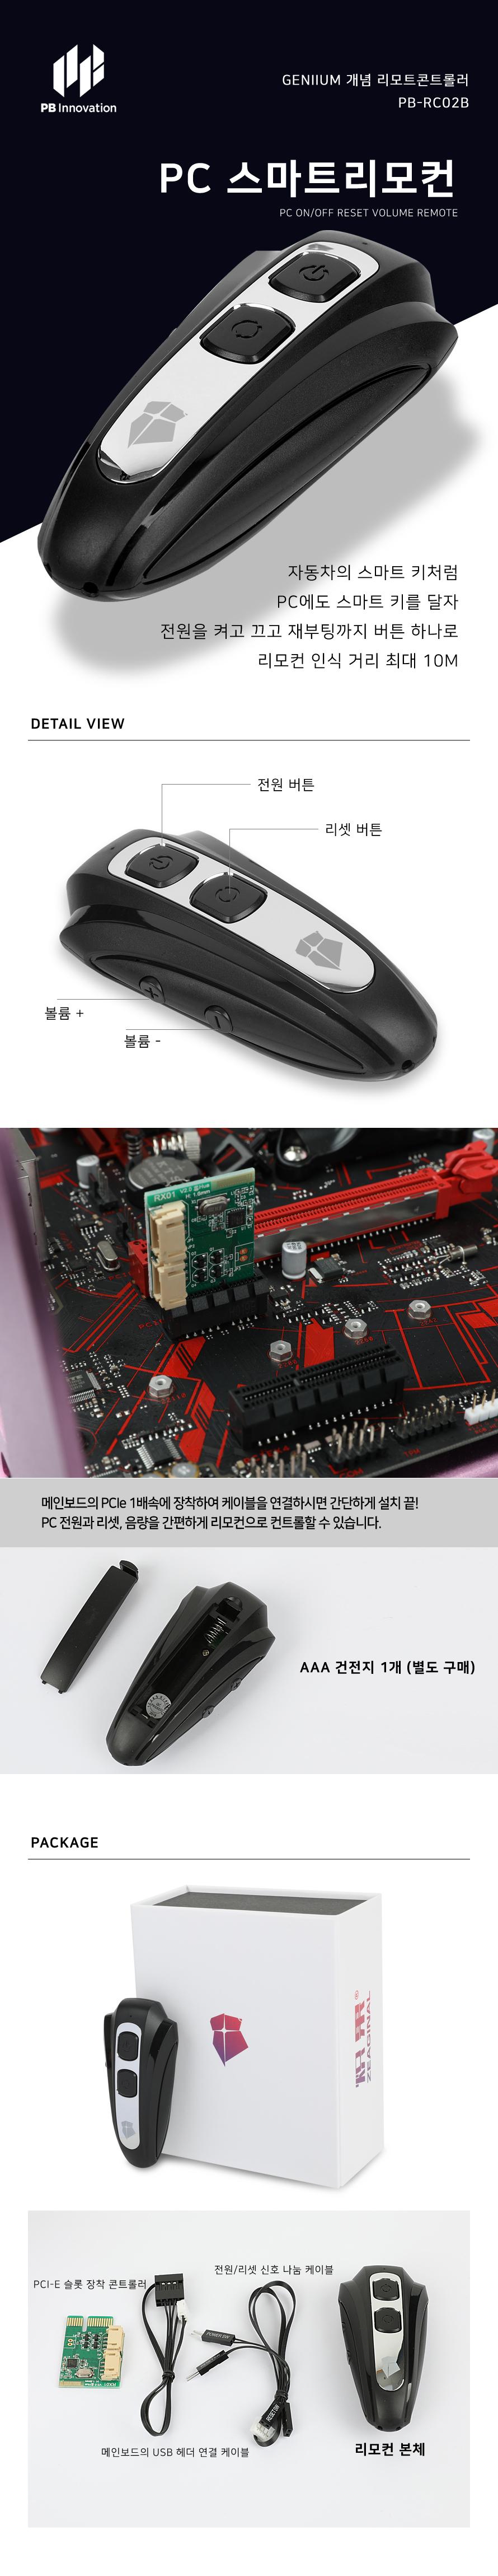 PB이노베이션 PC 스마트 리모컨